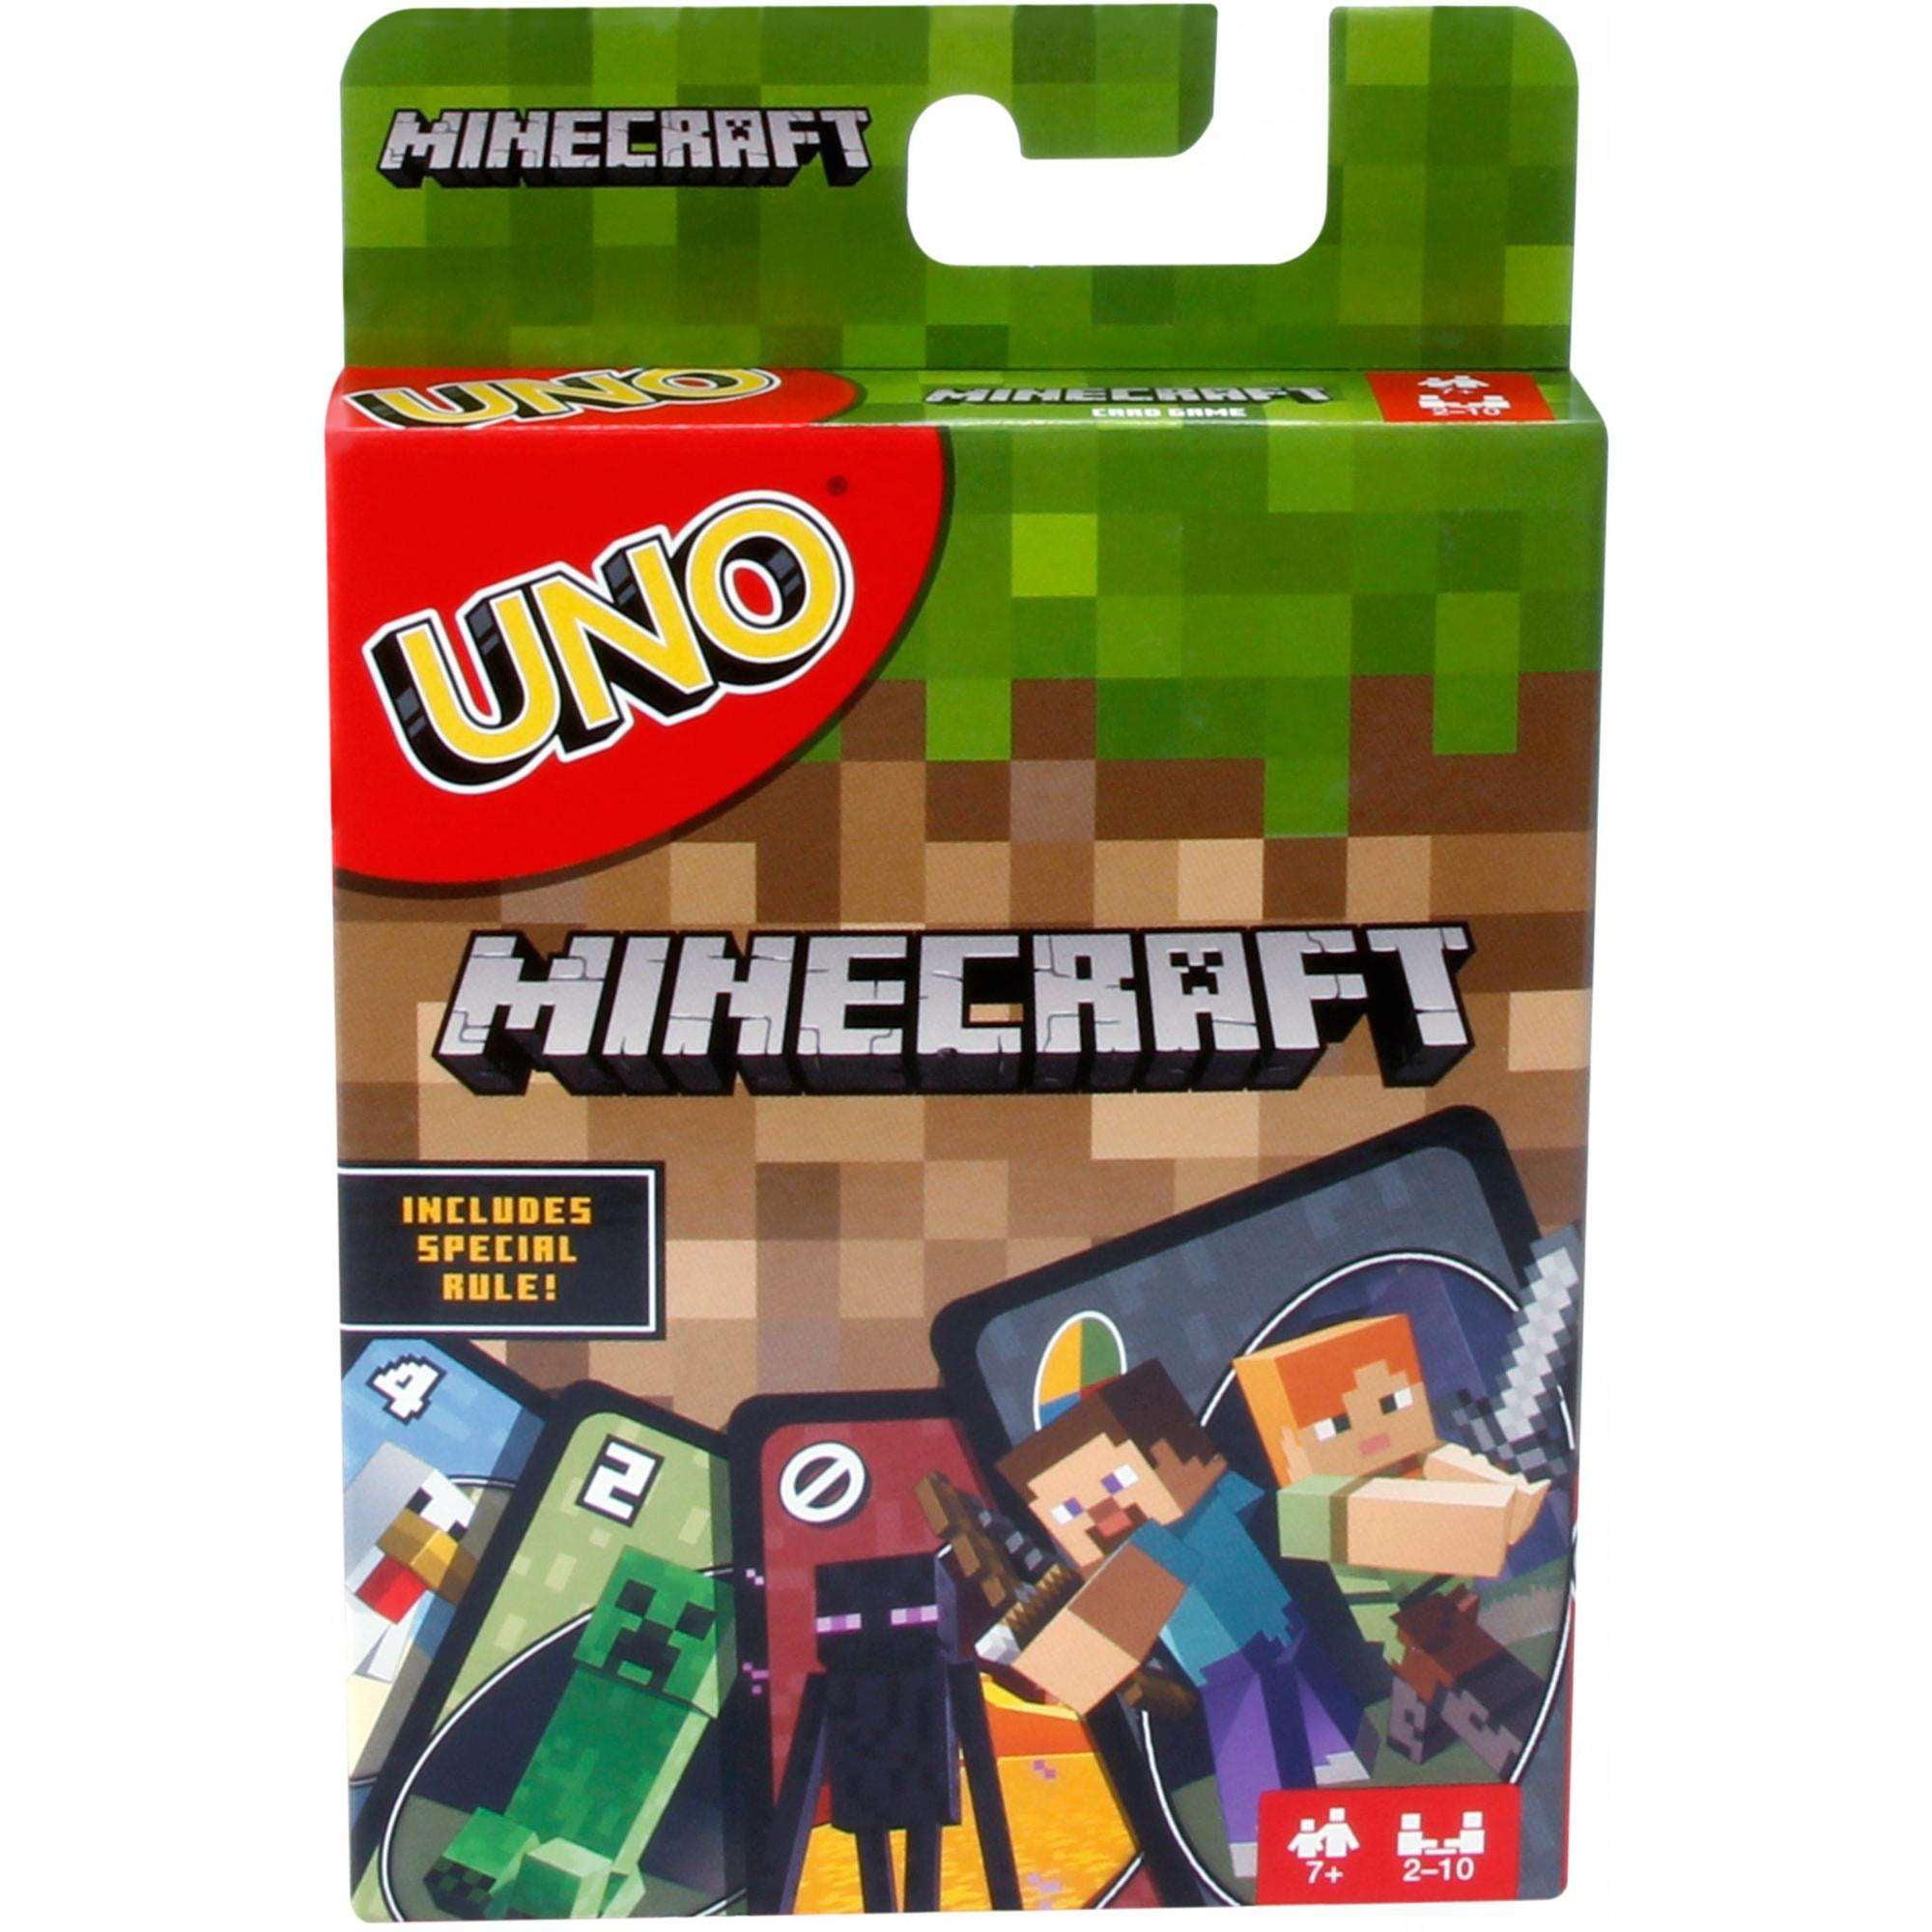 UNO Minecraft Card Game by Mattel